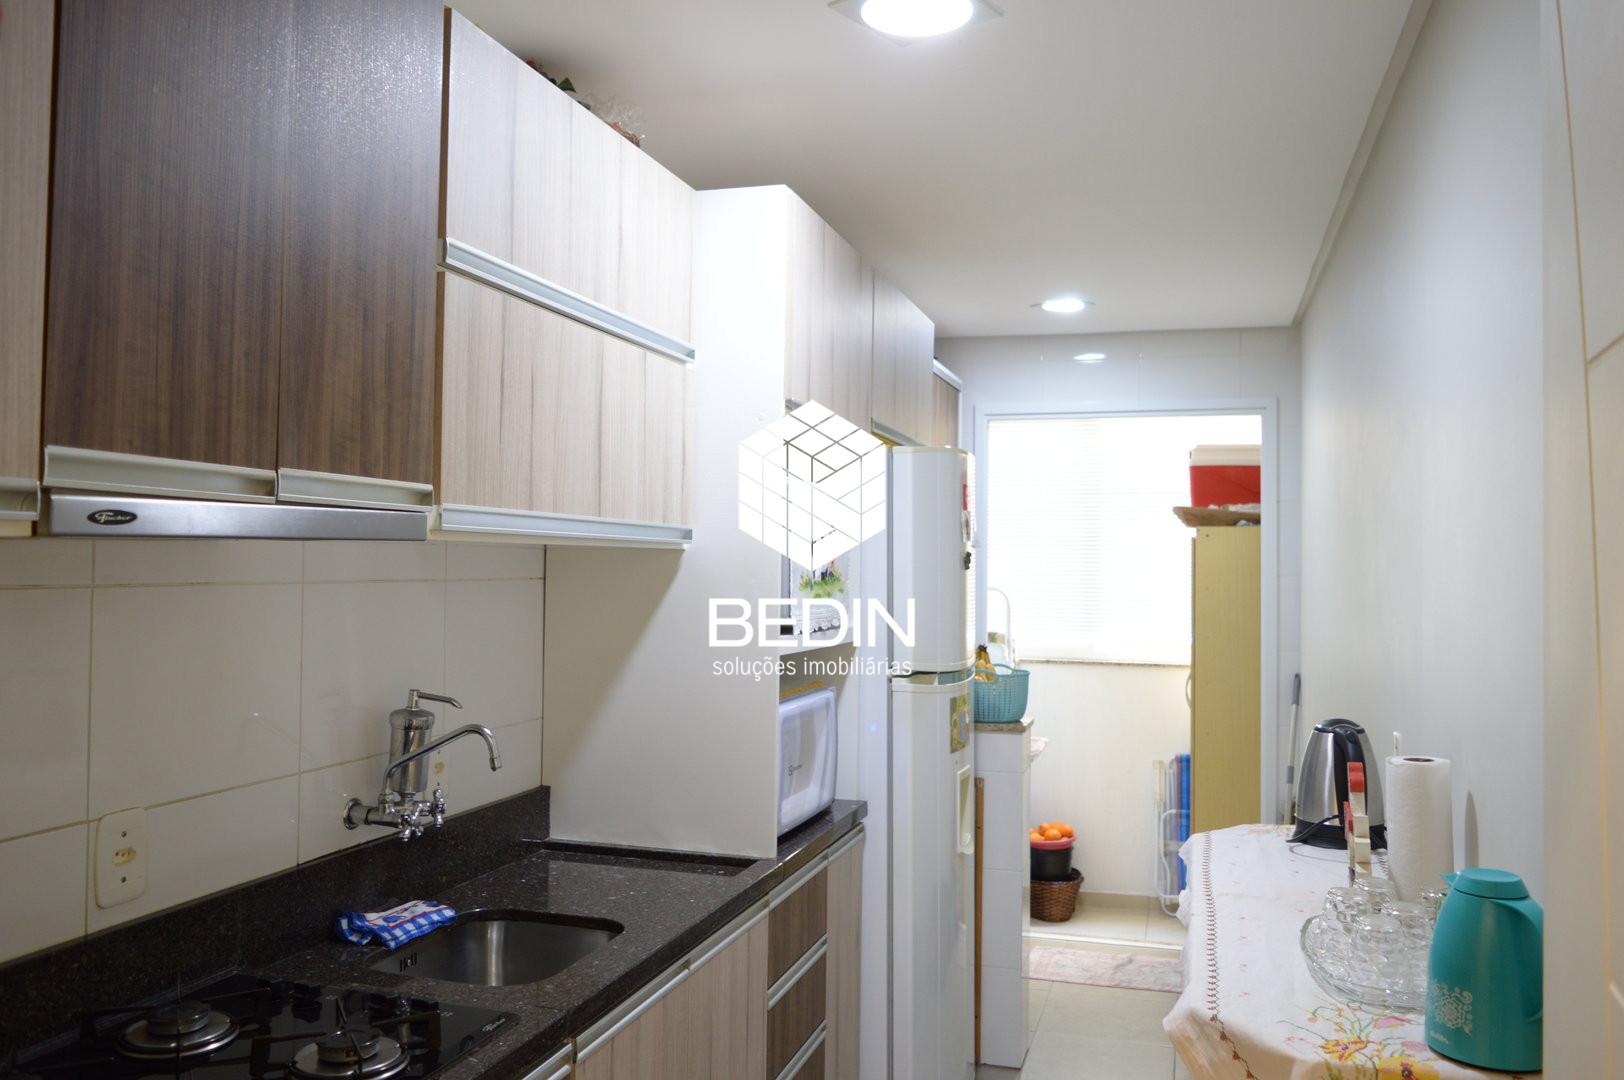 Imóvel - Cozinha / Área de Serviço